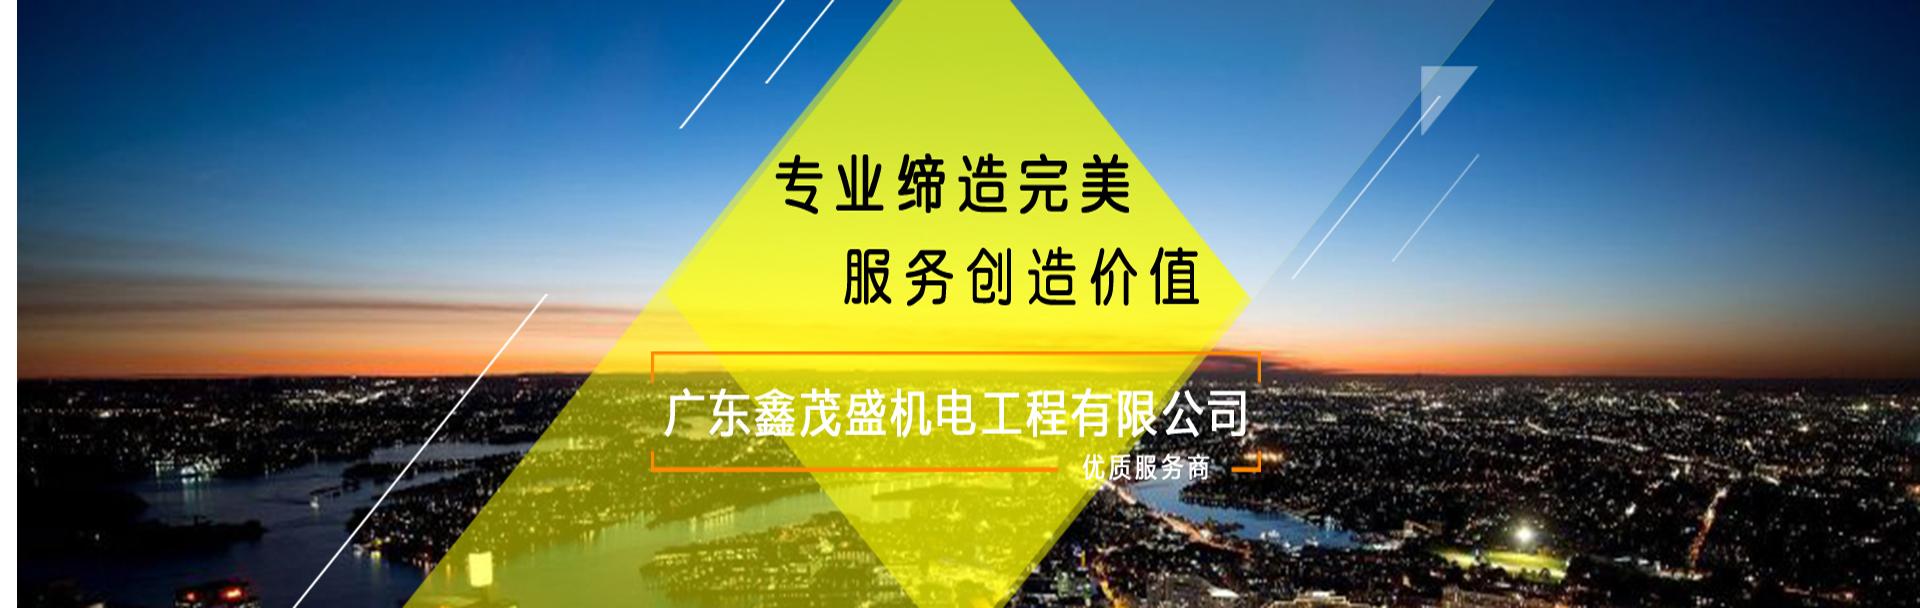 惠州净化工程